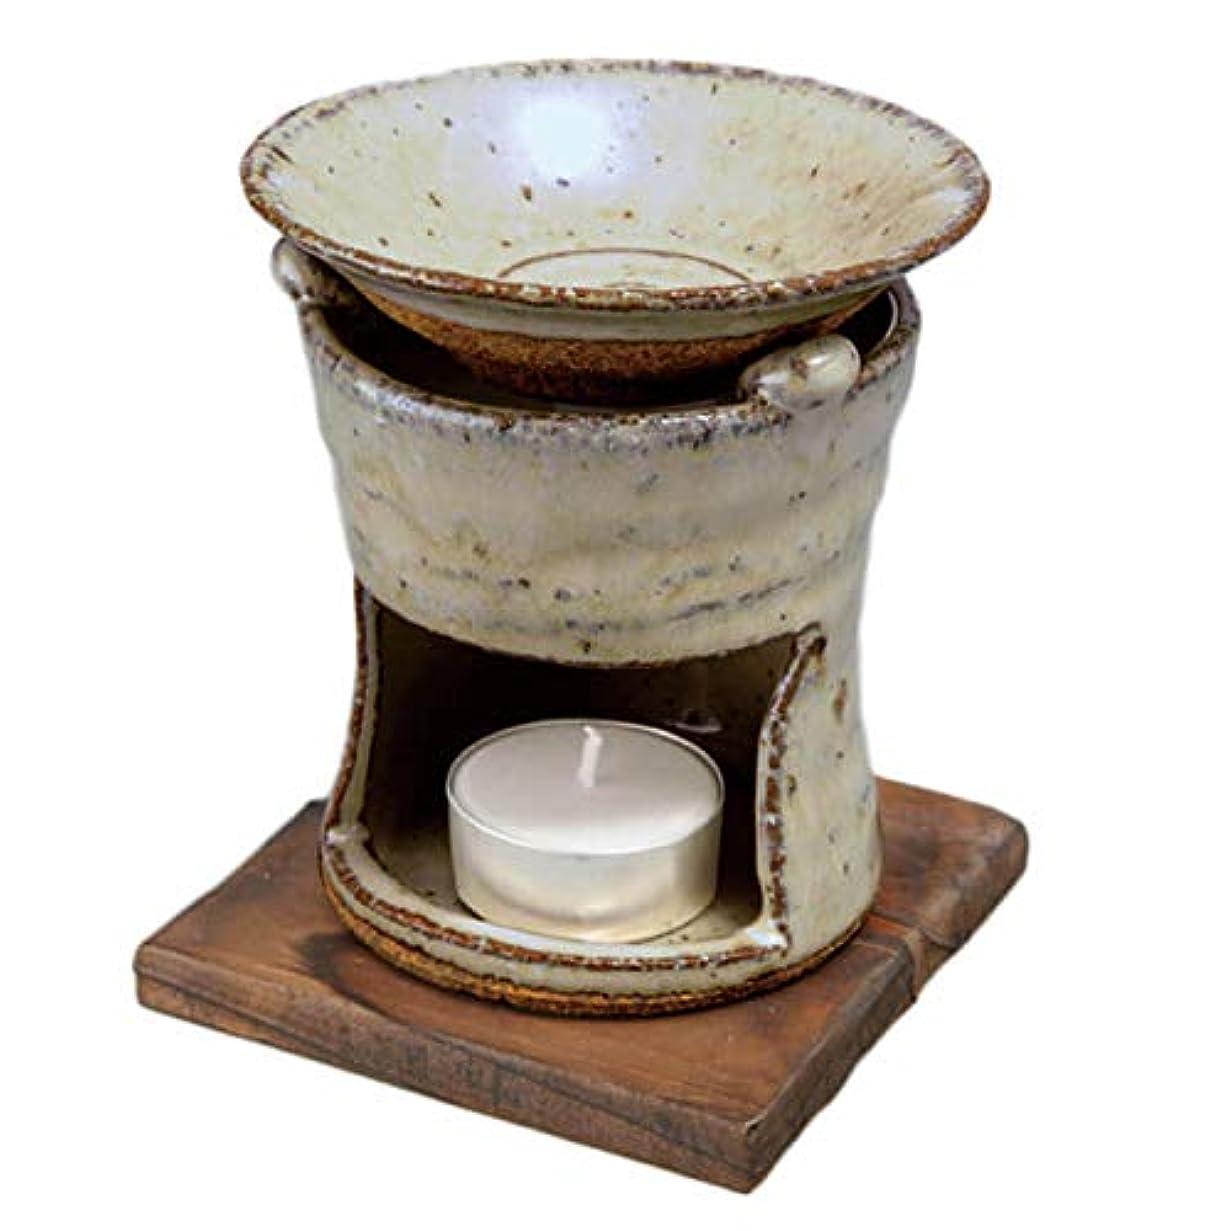 魔女ワインジョージスティーブンソン手造り 茶香炉/茶香炉 伊良保/アロマ 癒やし リラックス インテリア 間接照明